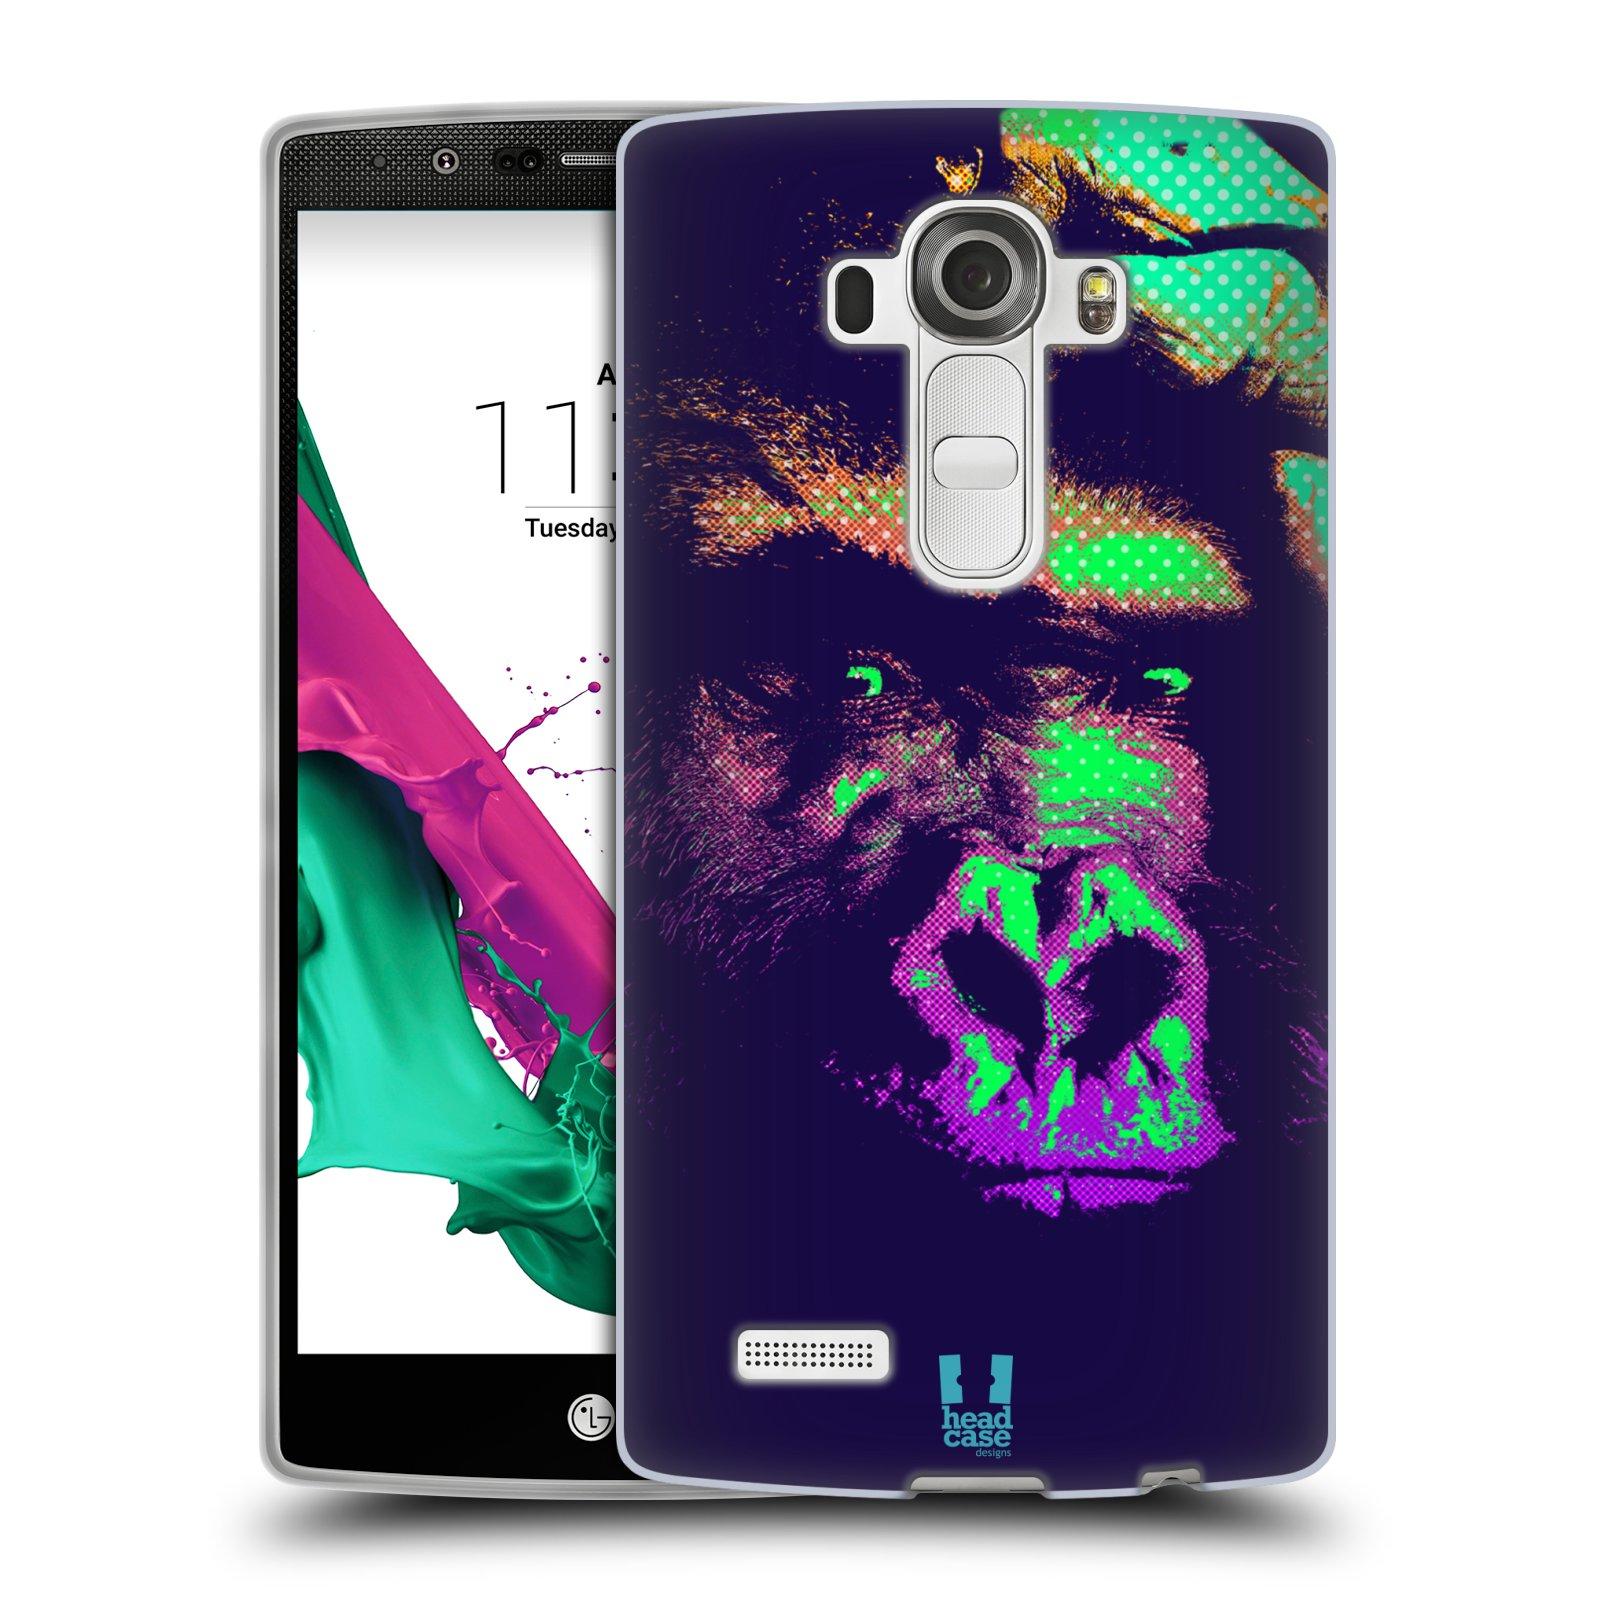 Silikonové pouzdro na mobil LG G4 HEAD CASE POP PRINT GORILA (Silikonový kryt či obal na mobilní telefon LG G4 H815)